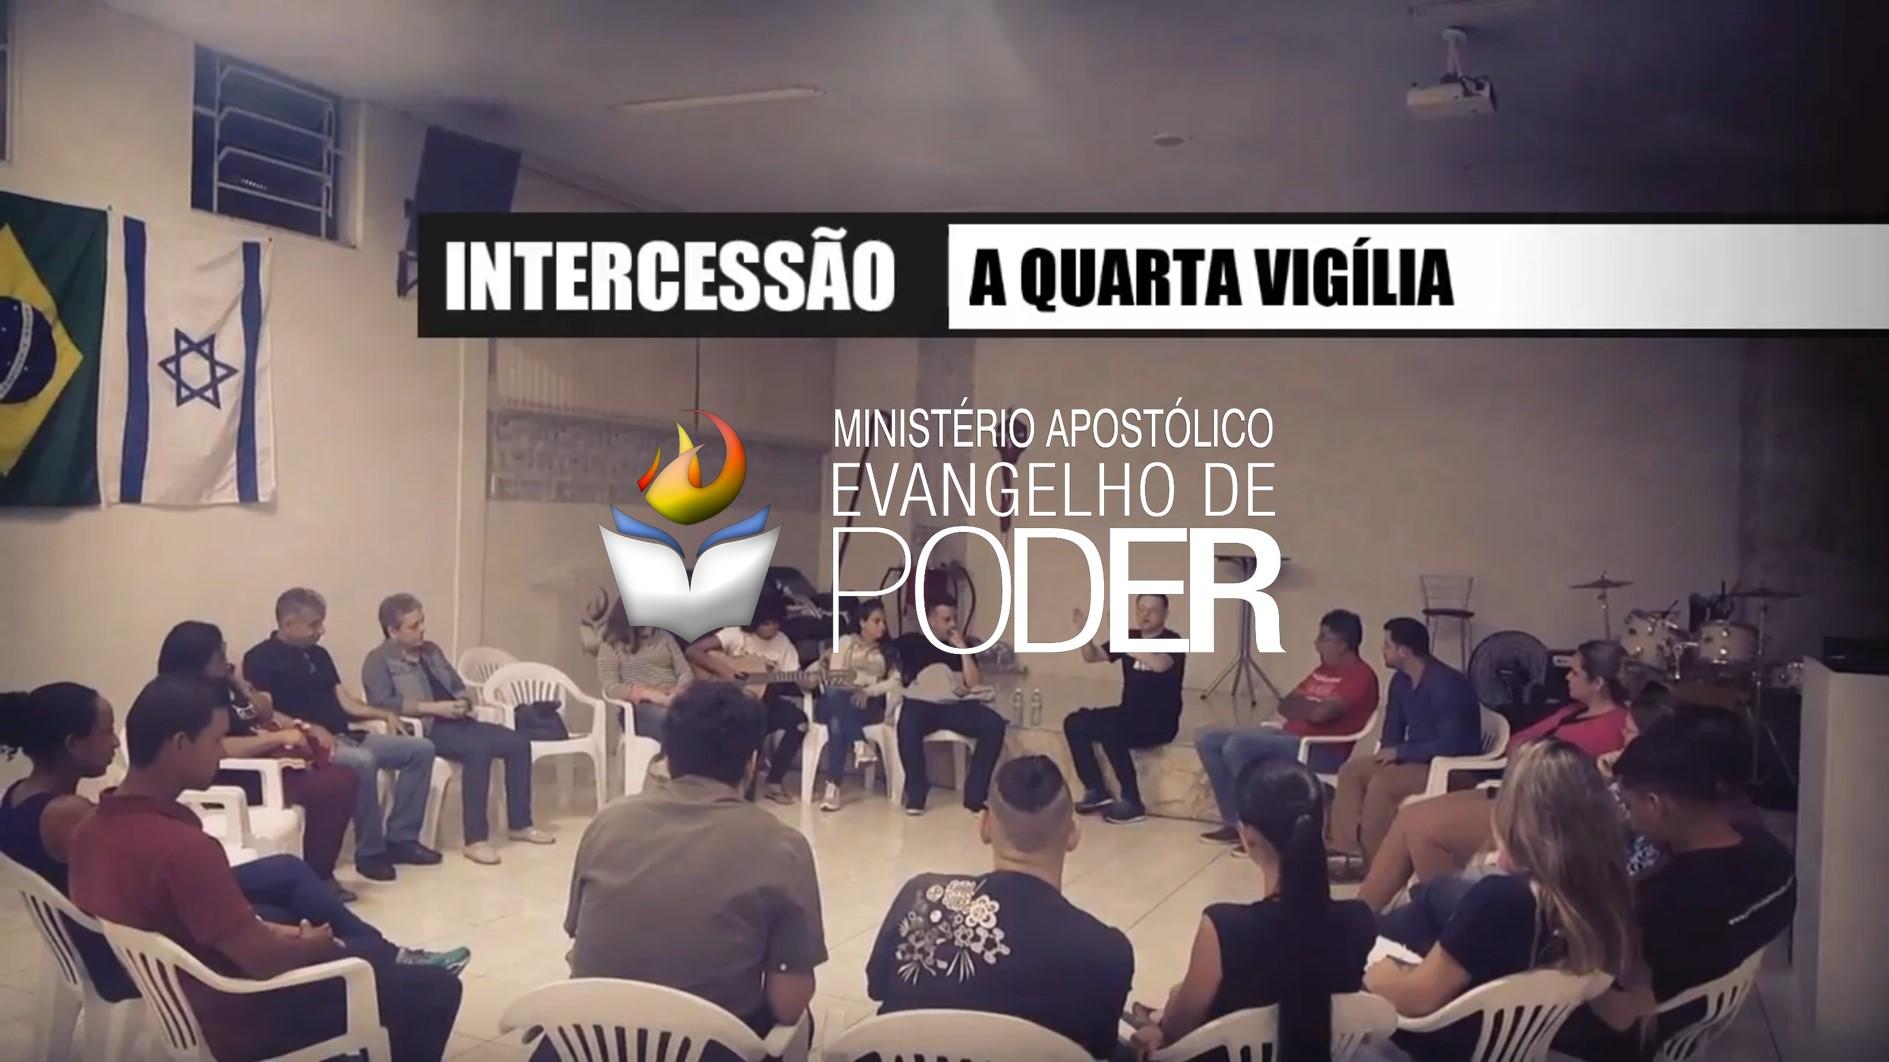 INTERCESSÃO - QUARTA VIGÍLIA